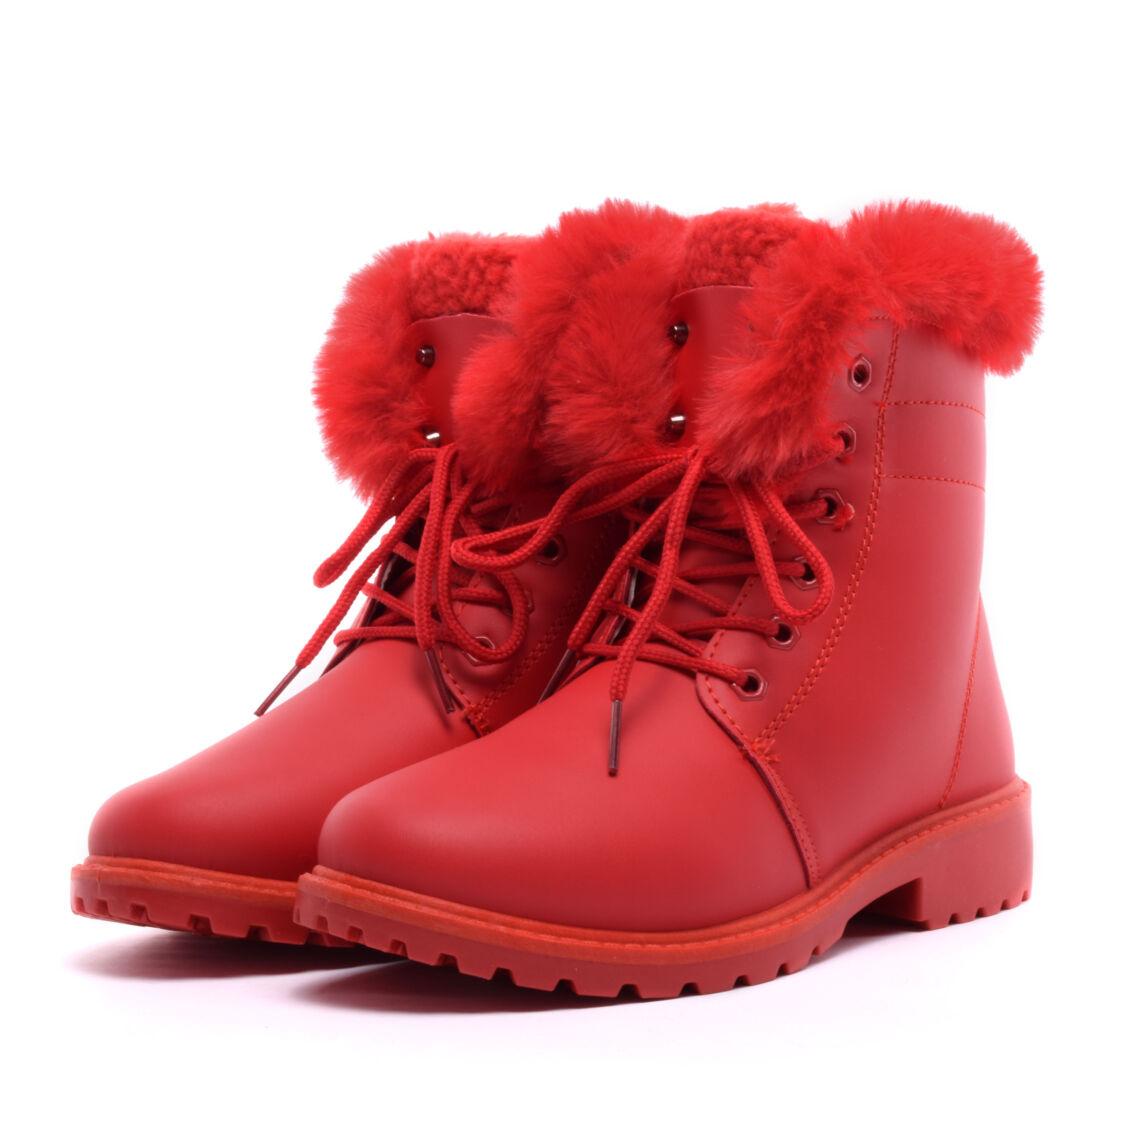 dc5c28bd00 Női Piros Műbőr Bundás Bakancs - BAKANCSOK - Női cipő webáruház-női ...